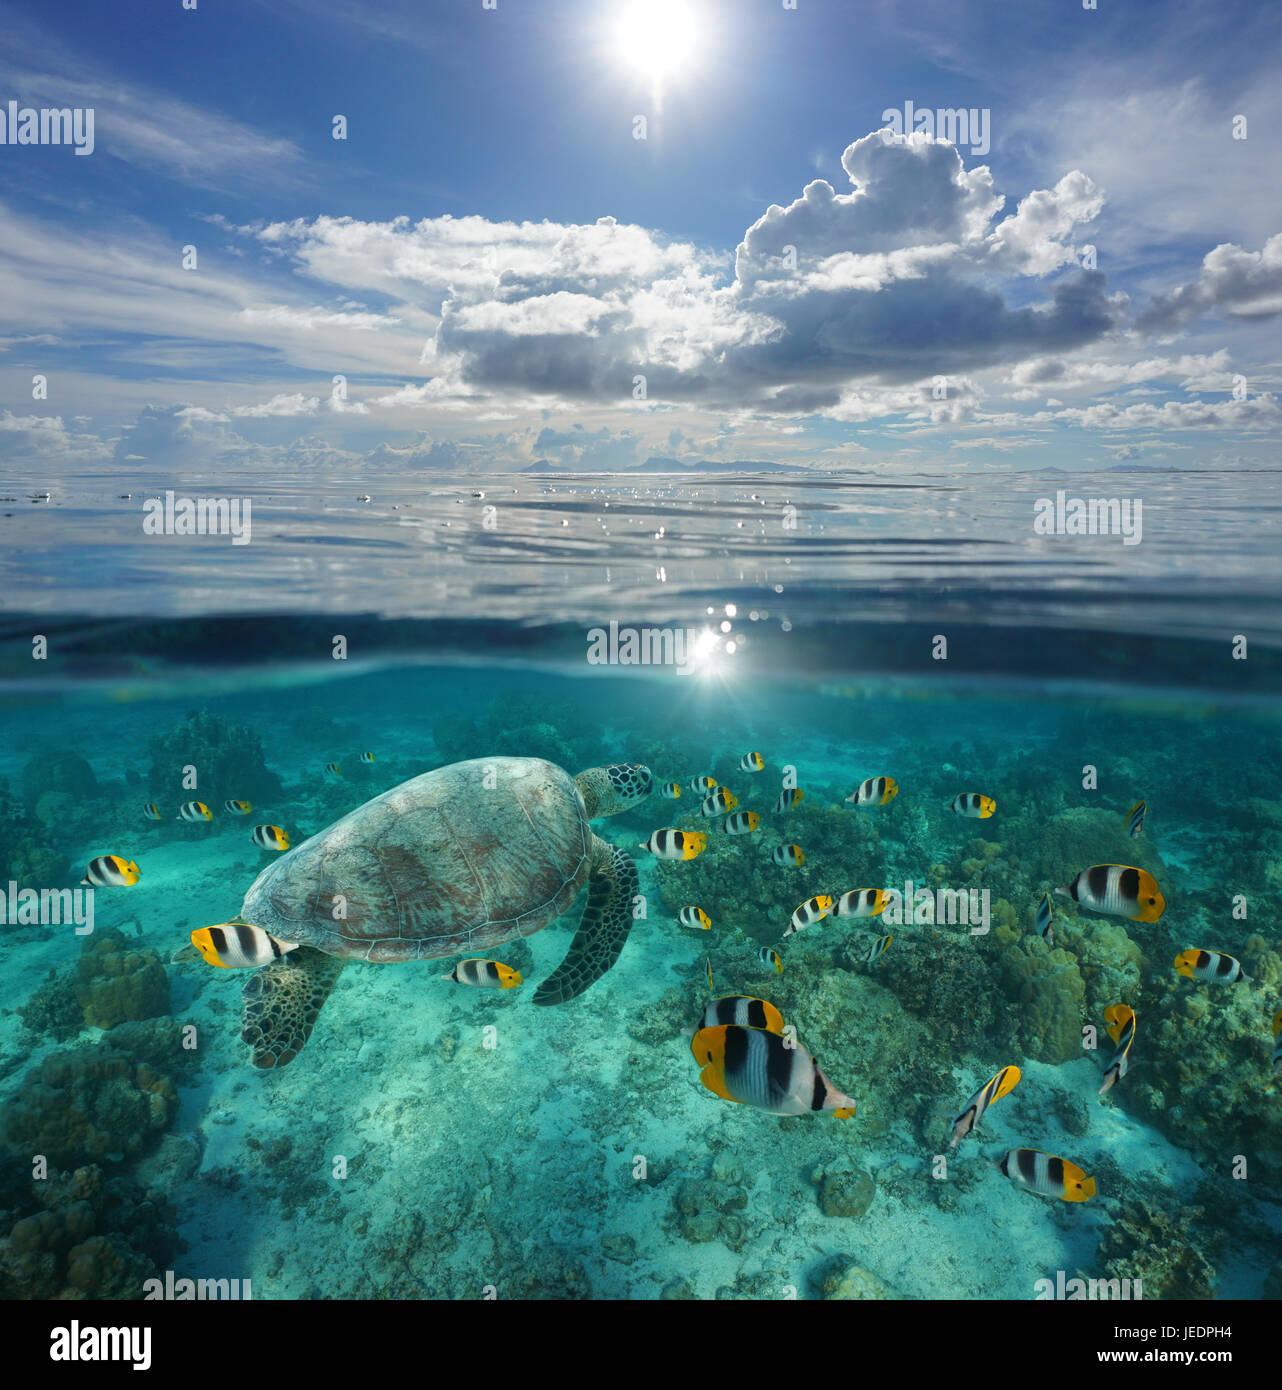 Al di sopra e al di sotto della superficie del mare, pesci tropicali con una tartaruga di subacquea e un'isola Immagini Stock